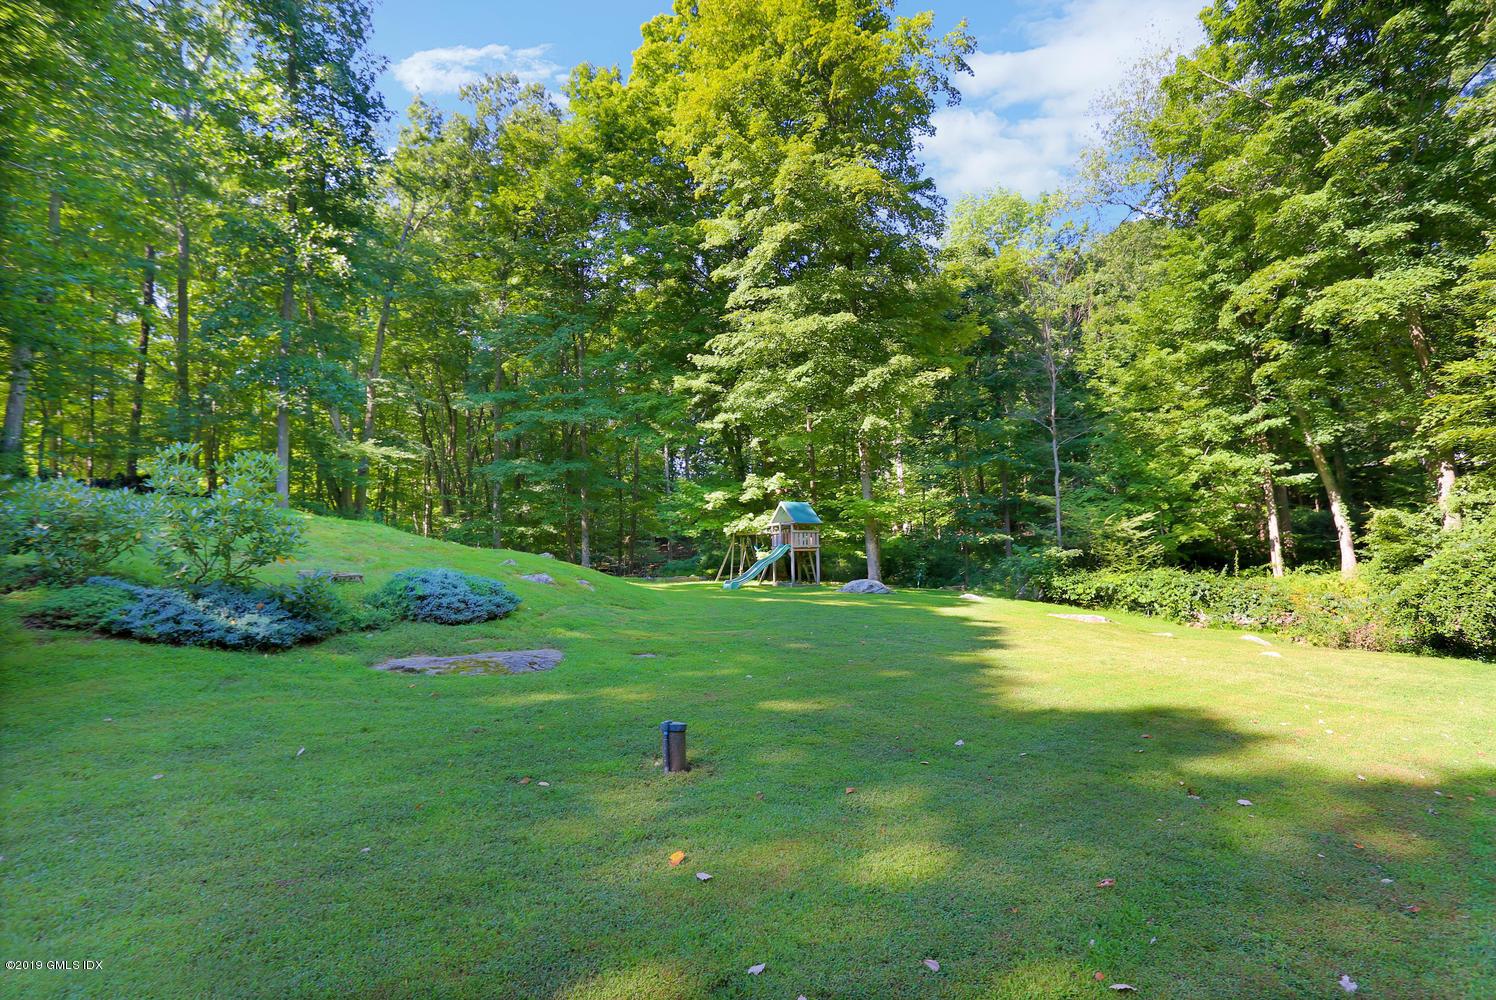 78 Butternut Hollow Road,Greenwich,Connecticut 06830,5 Bedrooms Bedrooms,4 BathroomsBathrooms,Butternut Hollow,107547